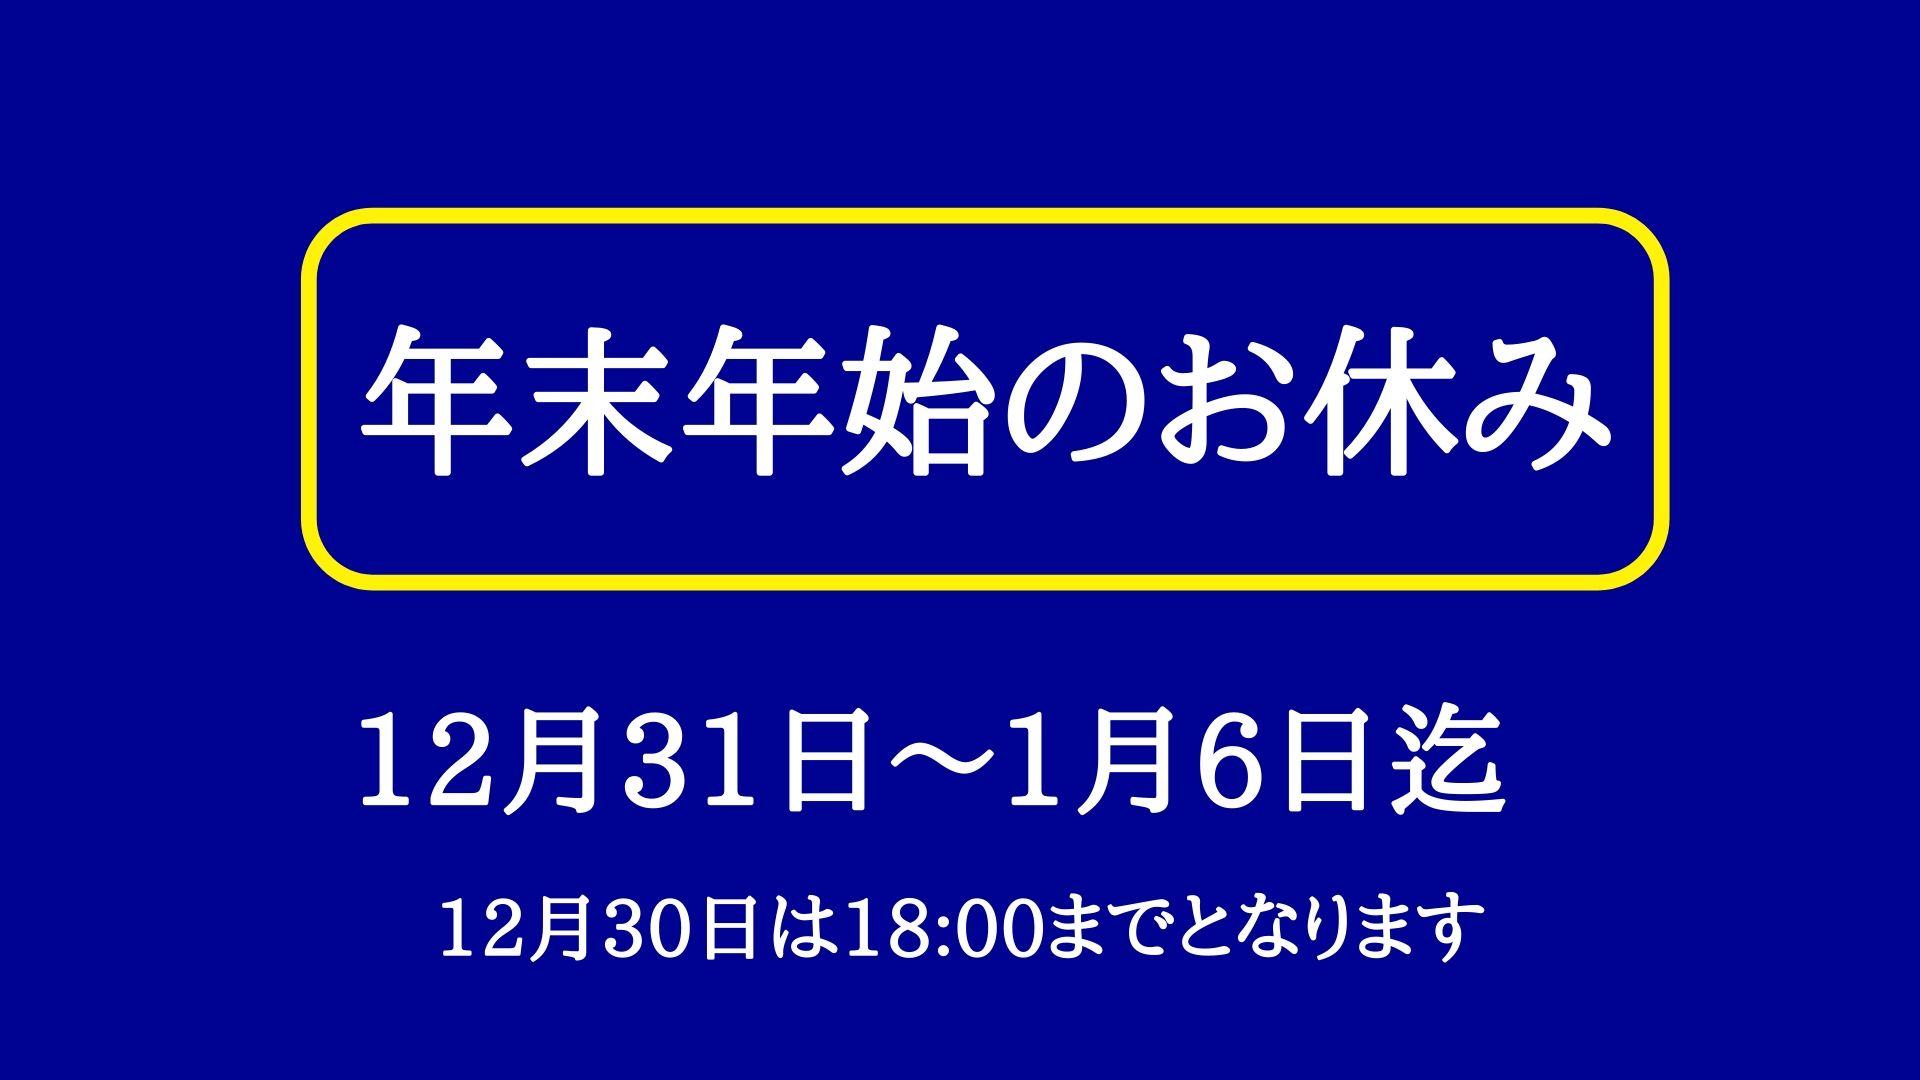 年内の営業は12月30日18:00まで